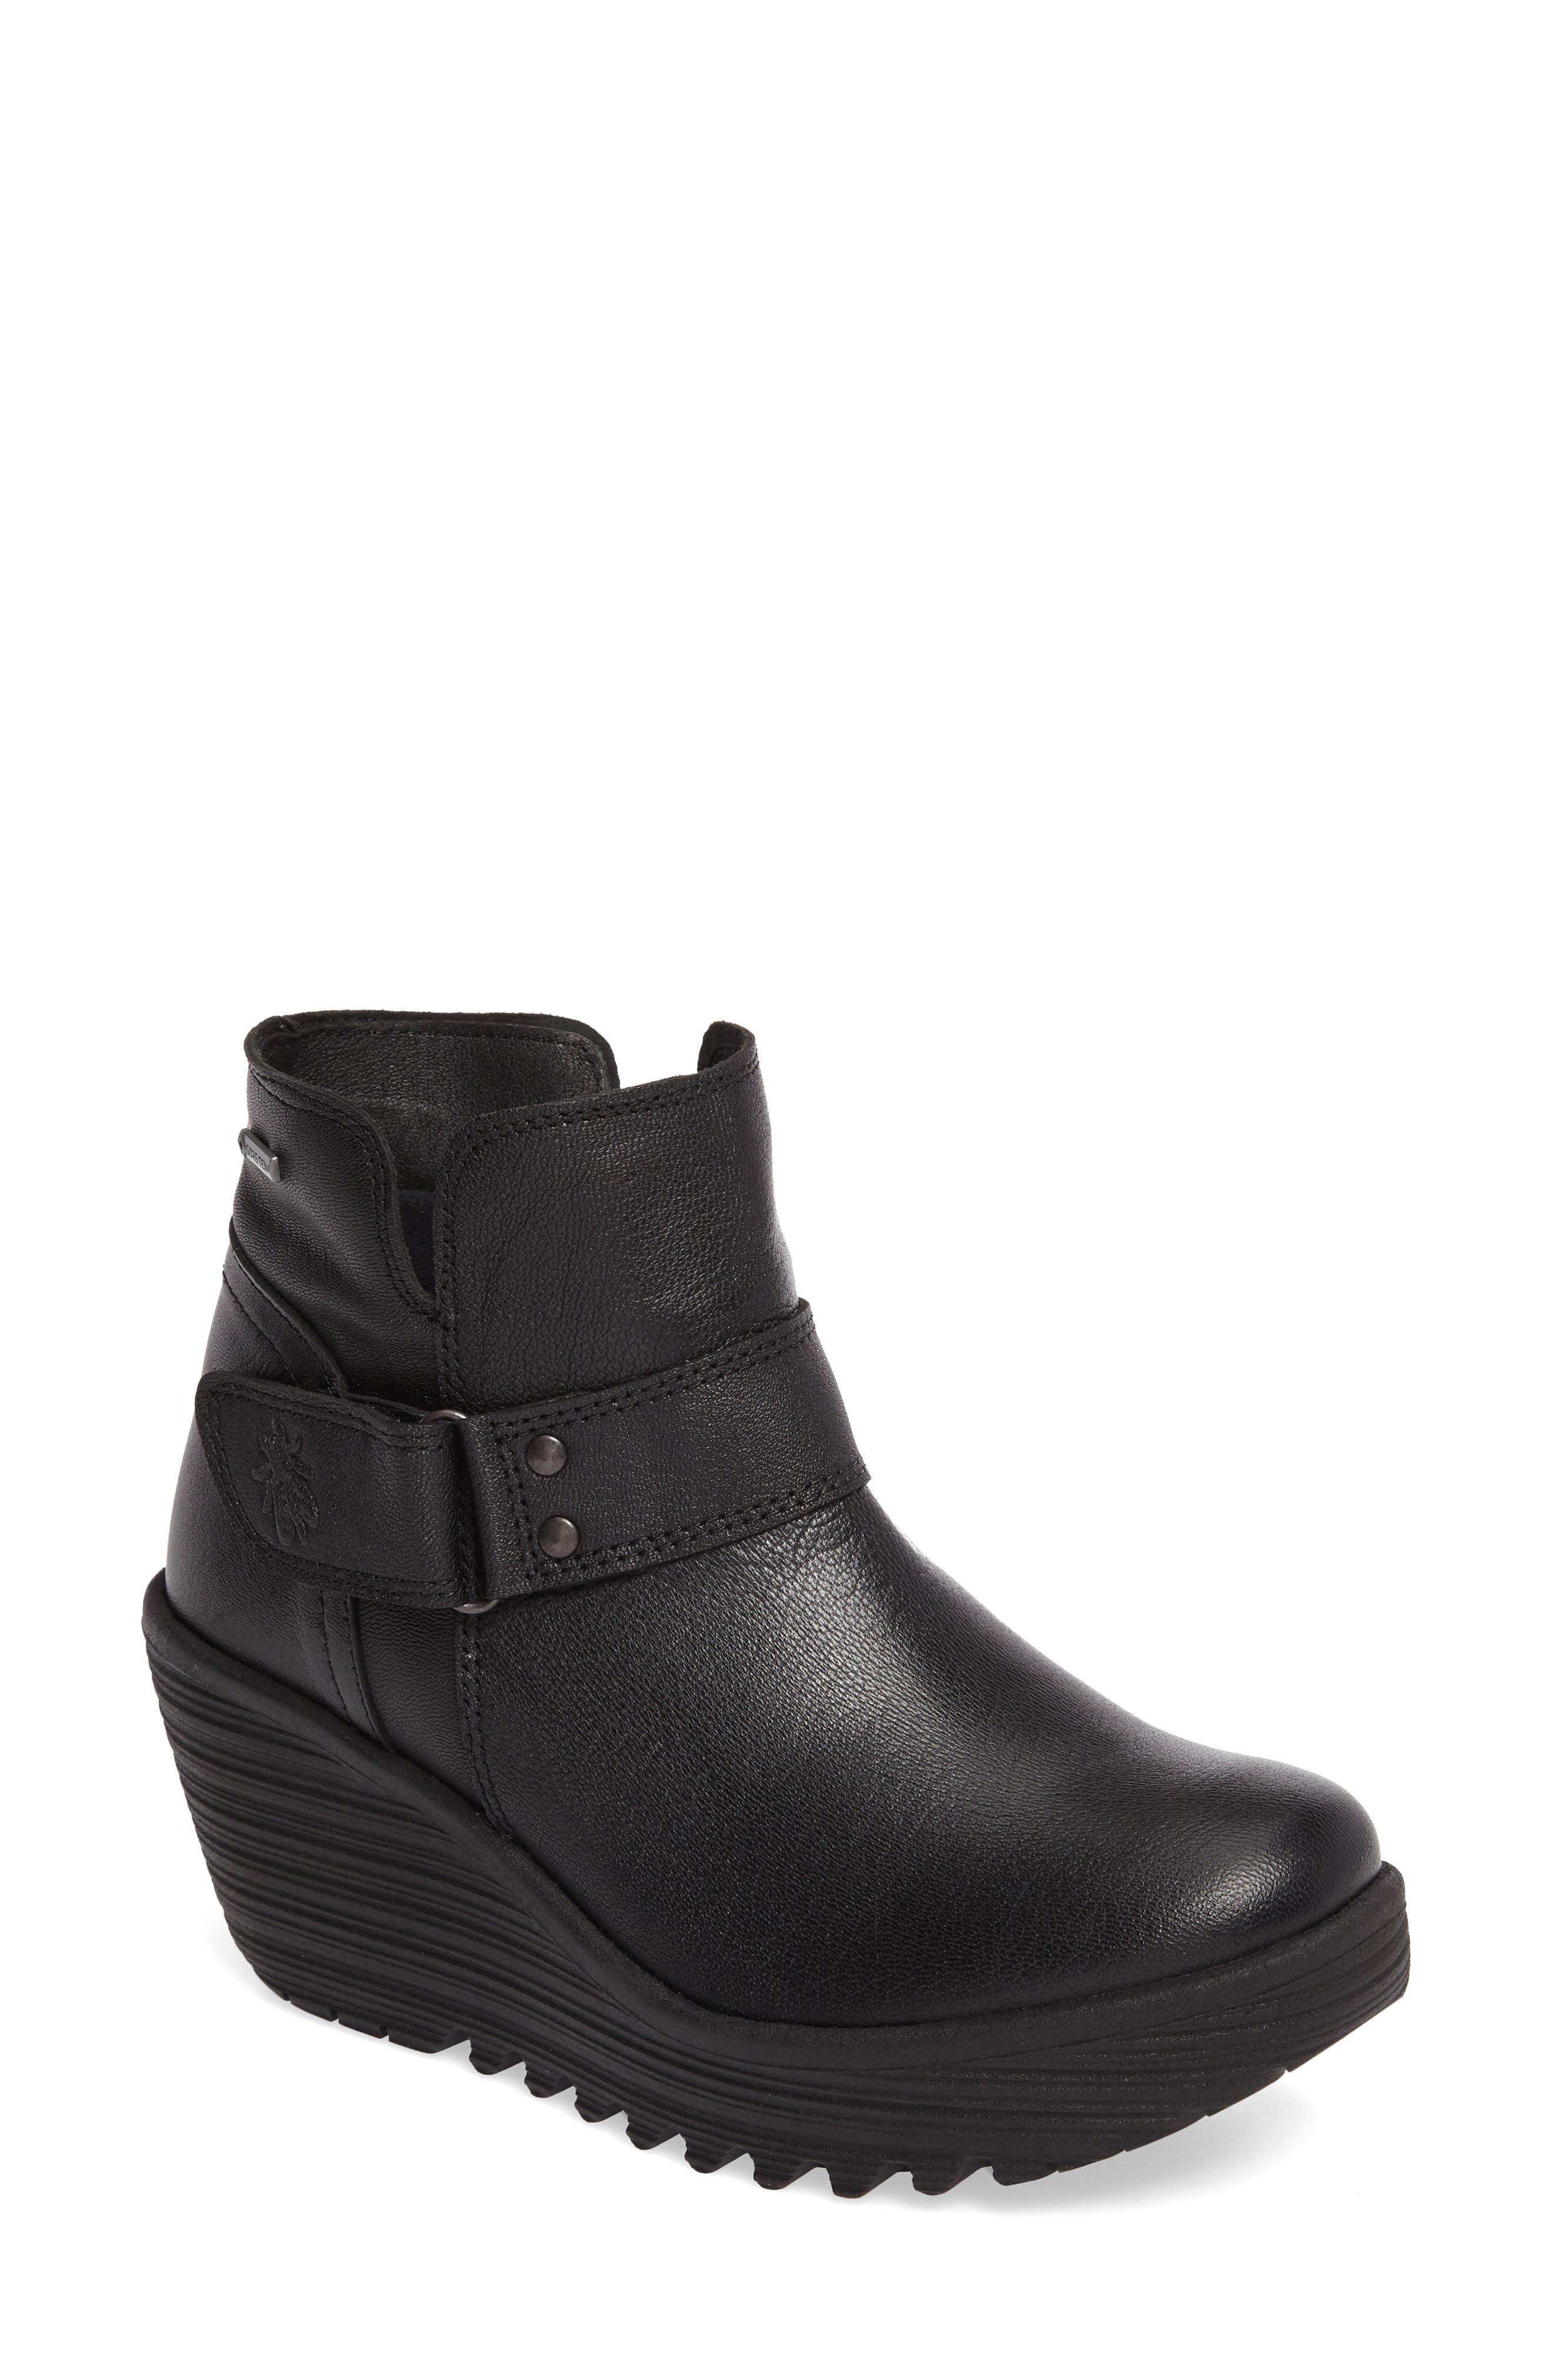 Yock Waterproof Gore-Tex<sup>®</sup> Wedge Boot,                         Main,                         color, 001